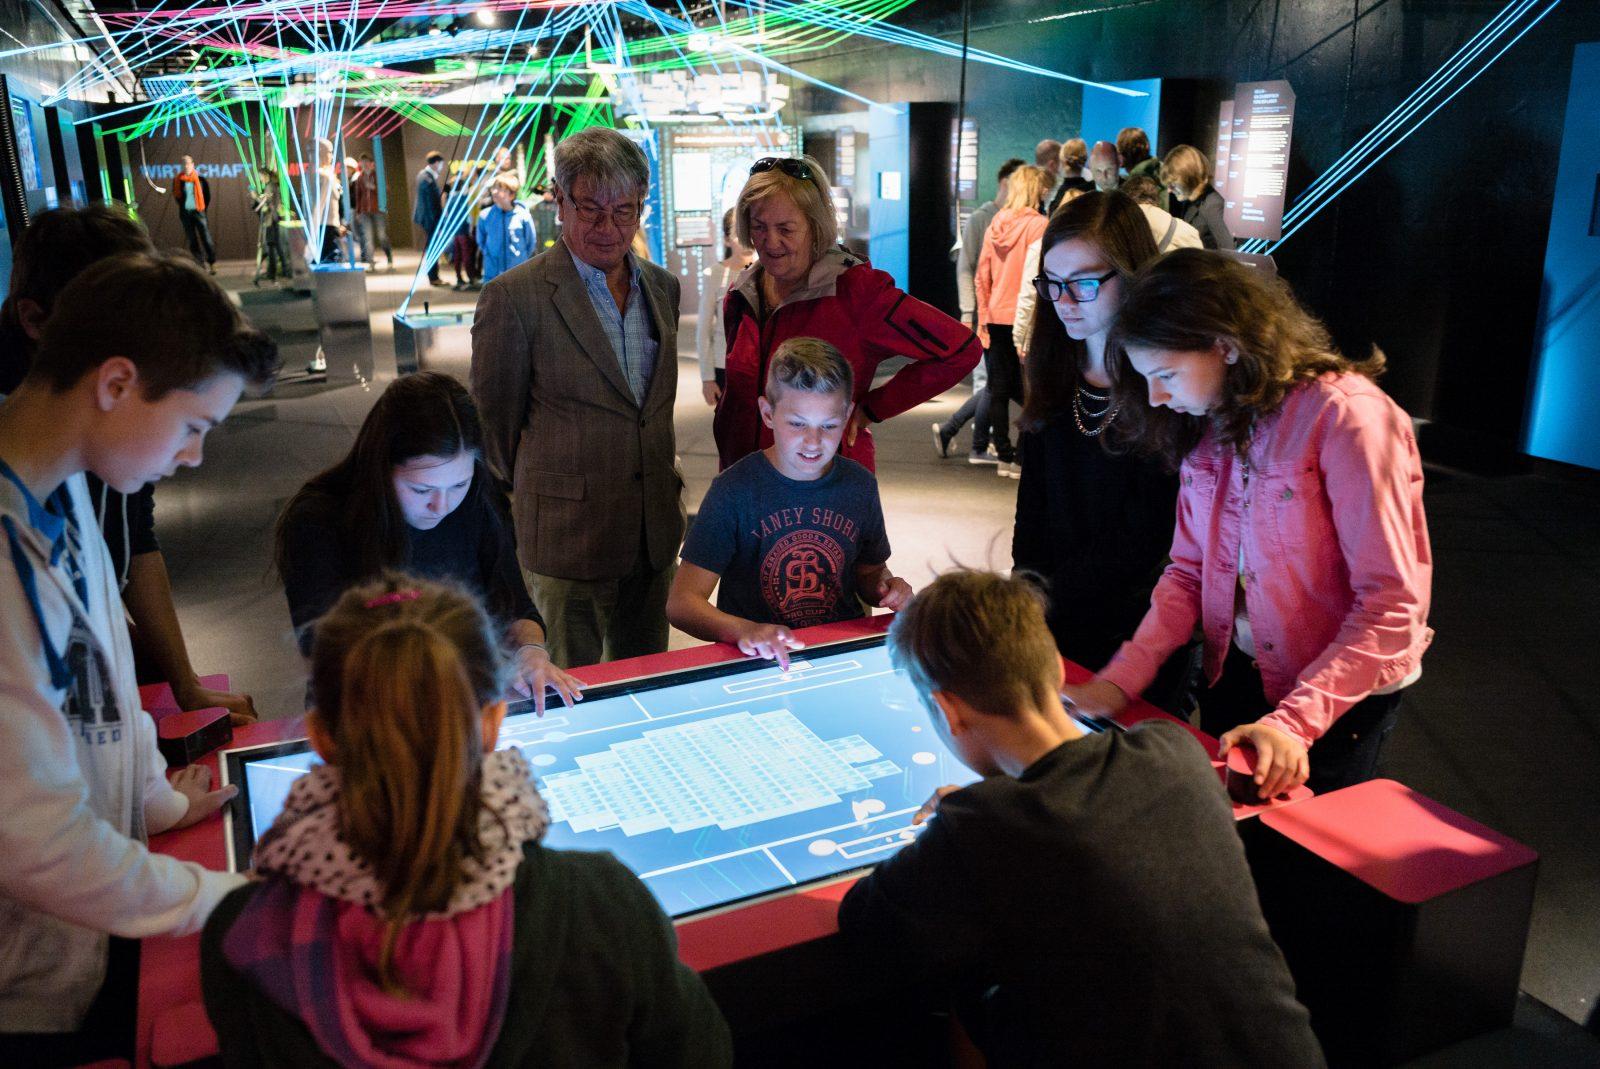 Viele Besucher scharen sich um unseren TableTop auf der MS Wissenschaft. Foto: Ilja Hendel/Wissenschaft im Dialog